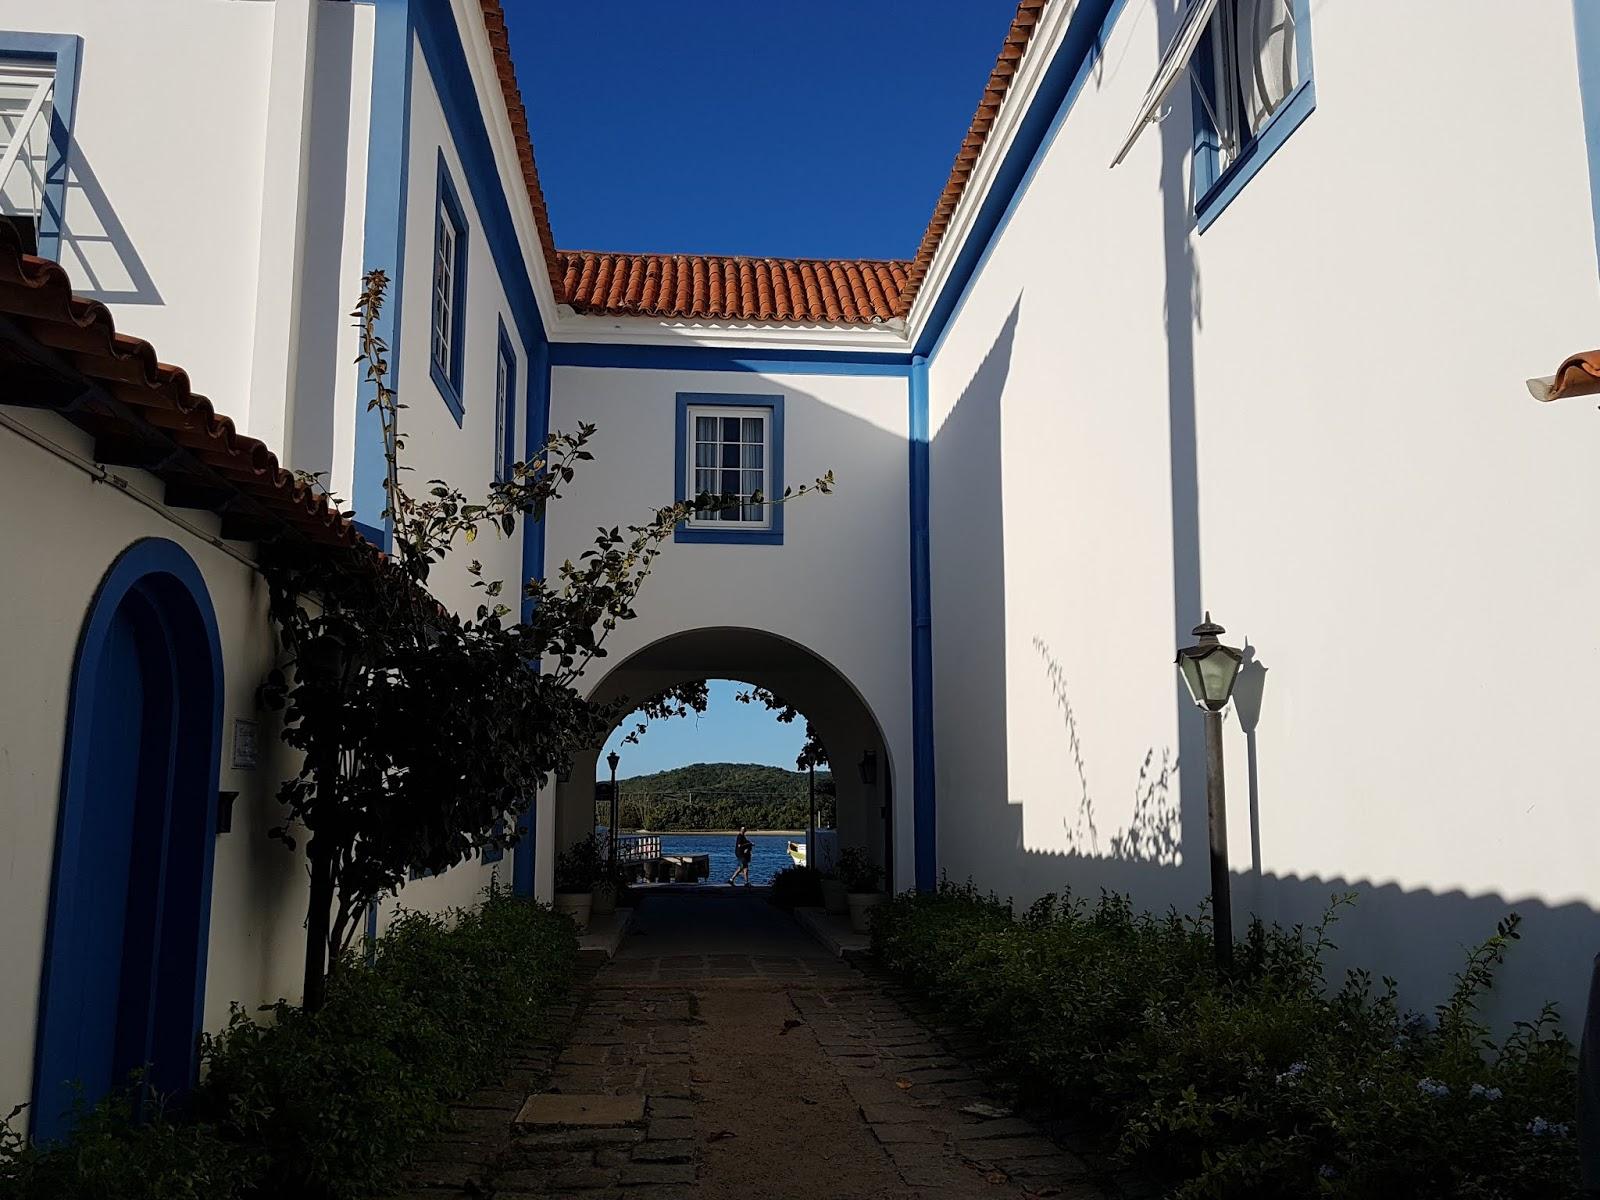 Arco da Passagem, Bairro da Passagem : onde se hospedar em Cabo Frio.